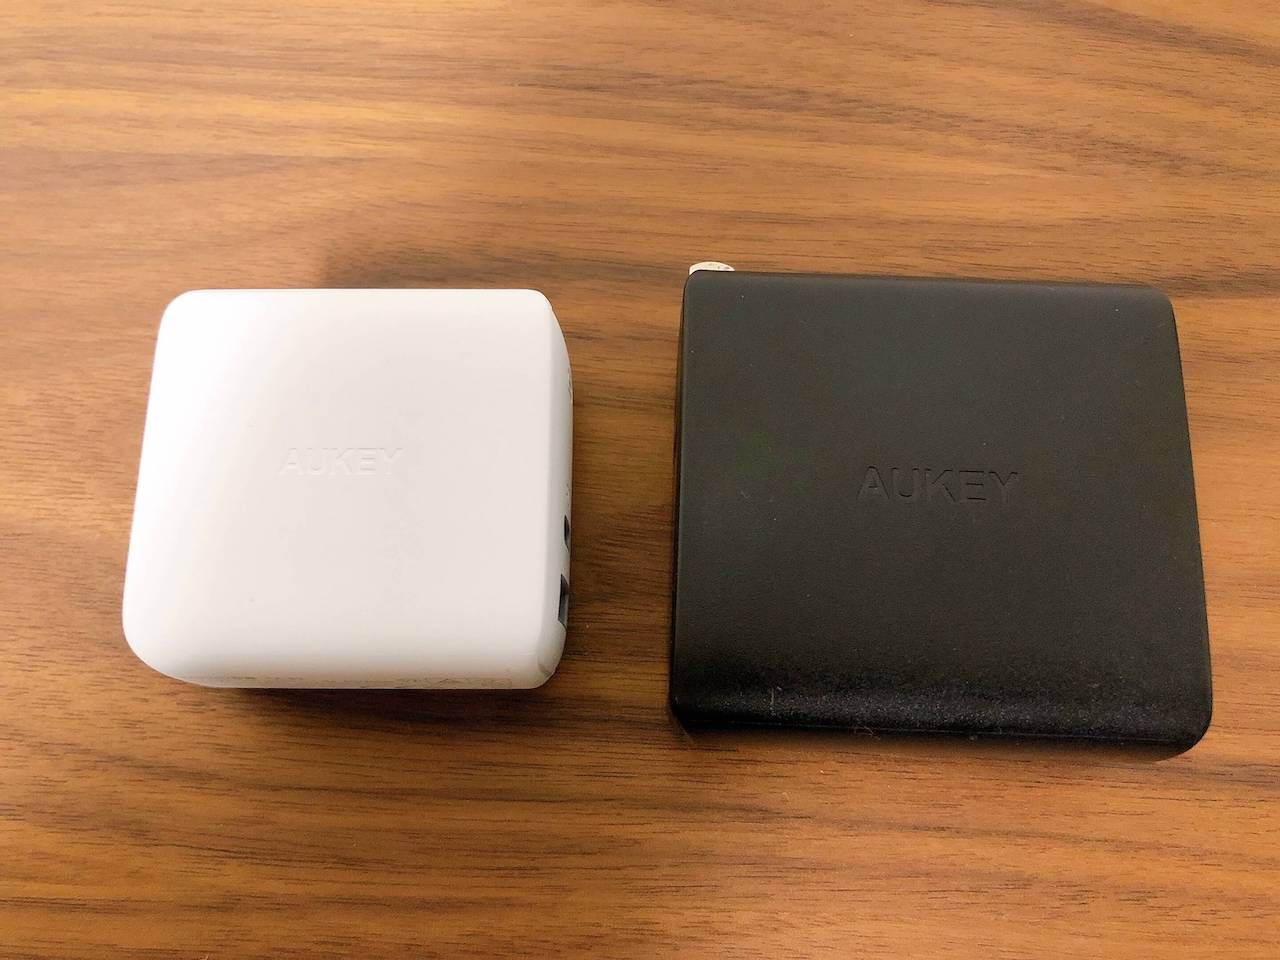 AukeyのUSB充電器「65W PA-B3」(白色)と「45W PA-Y10」(黒色)を横向きにして比較した写真です。